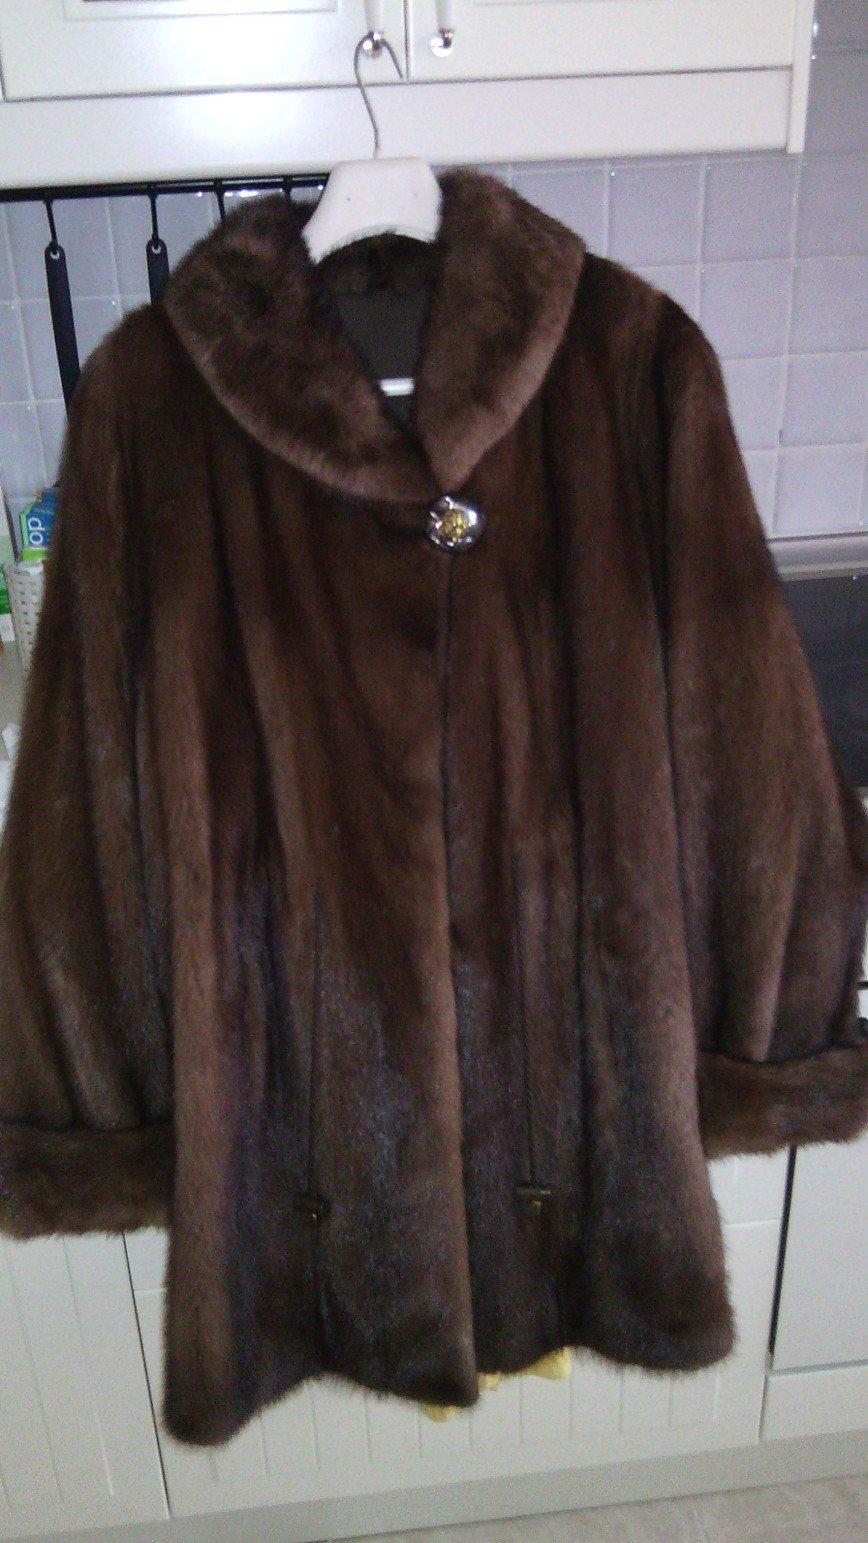 Норковая шубка из Североамериканской норки AMERICAN LEGEND р.48-50 Целиковые пластины. Отличное качество меха, густой, блестящий, цвет dark brown. Модель немного расклешенная, сзади образуется несколько фалд, рукава с отворотами, с 2 карманами, внутри в районе талии есть кулиска - можно подсобрать на клипсы или носить распущенной, шелковая подкладка, длина по спине 85см. Цена 36.000 руб.